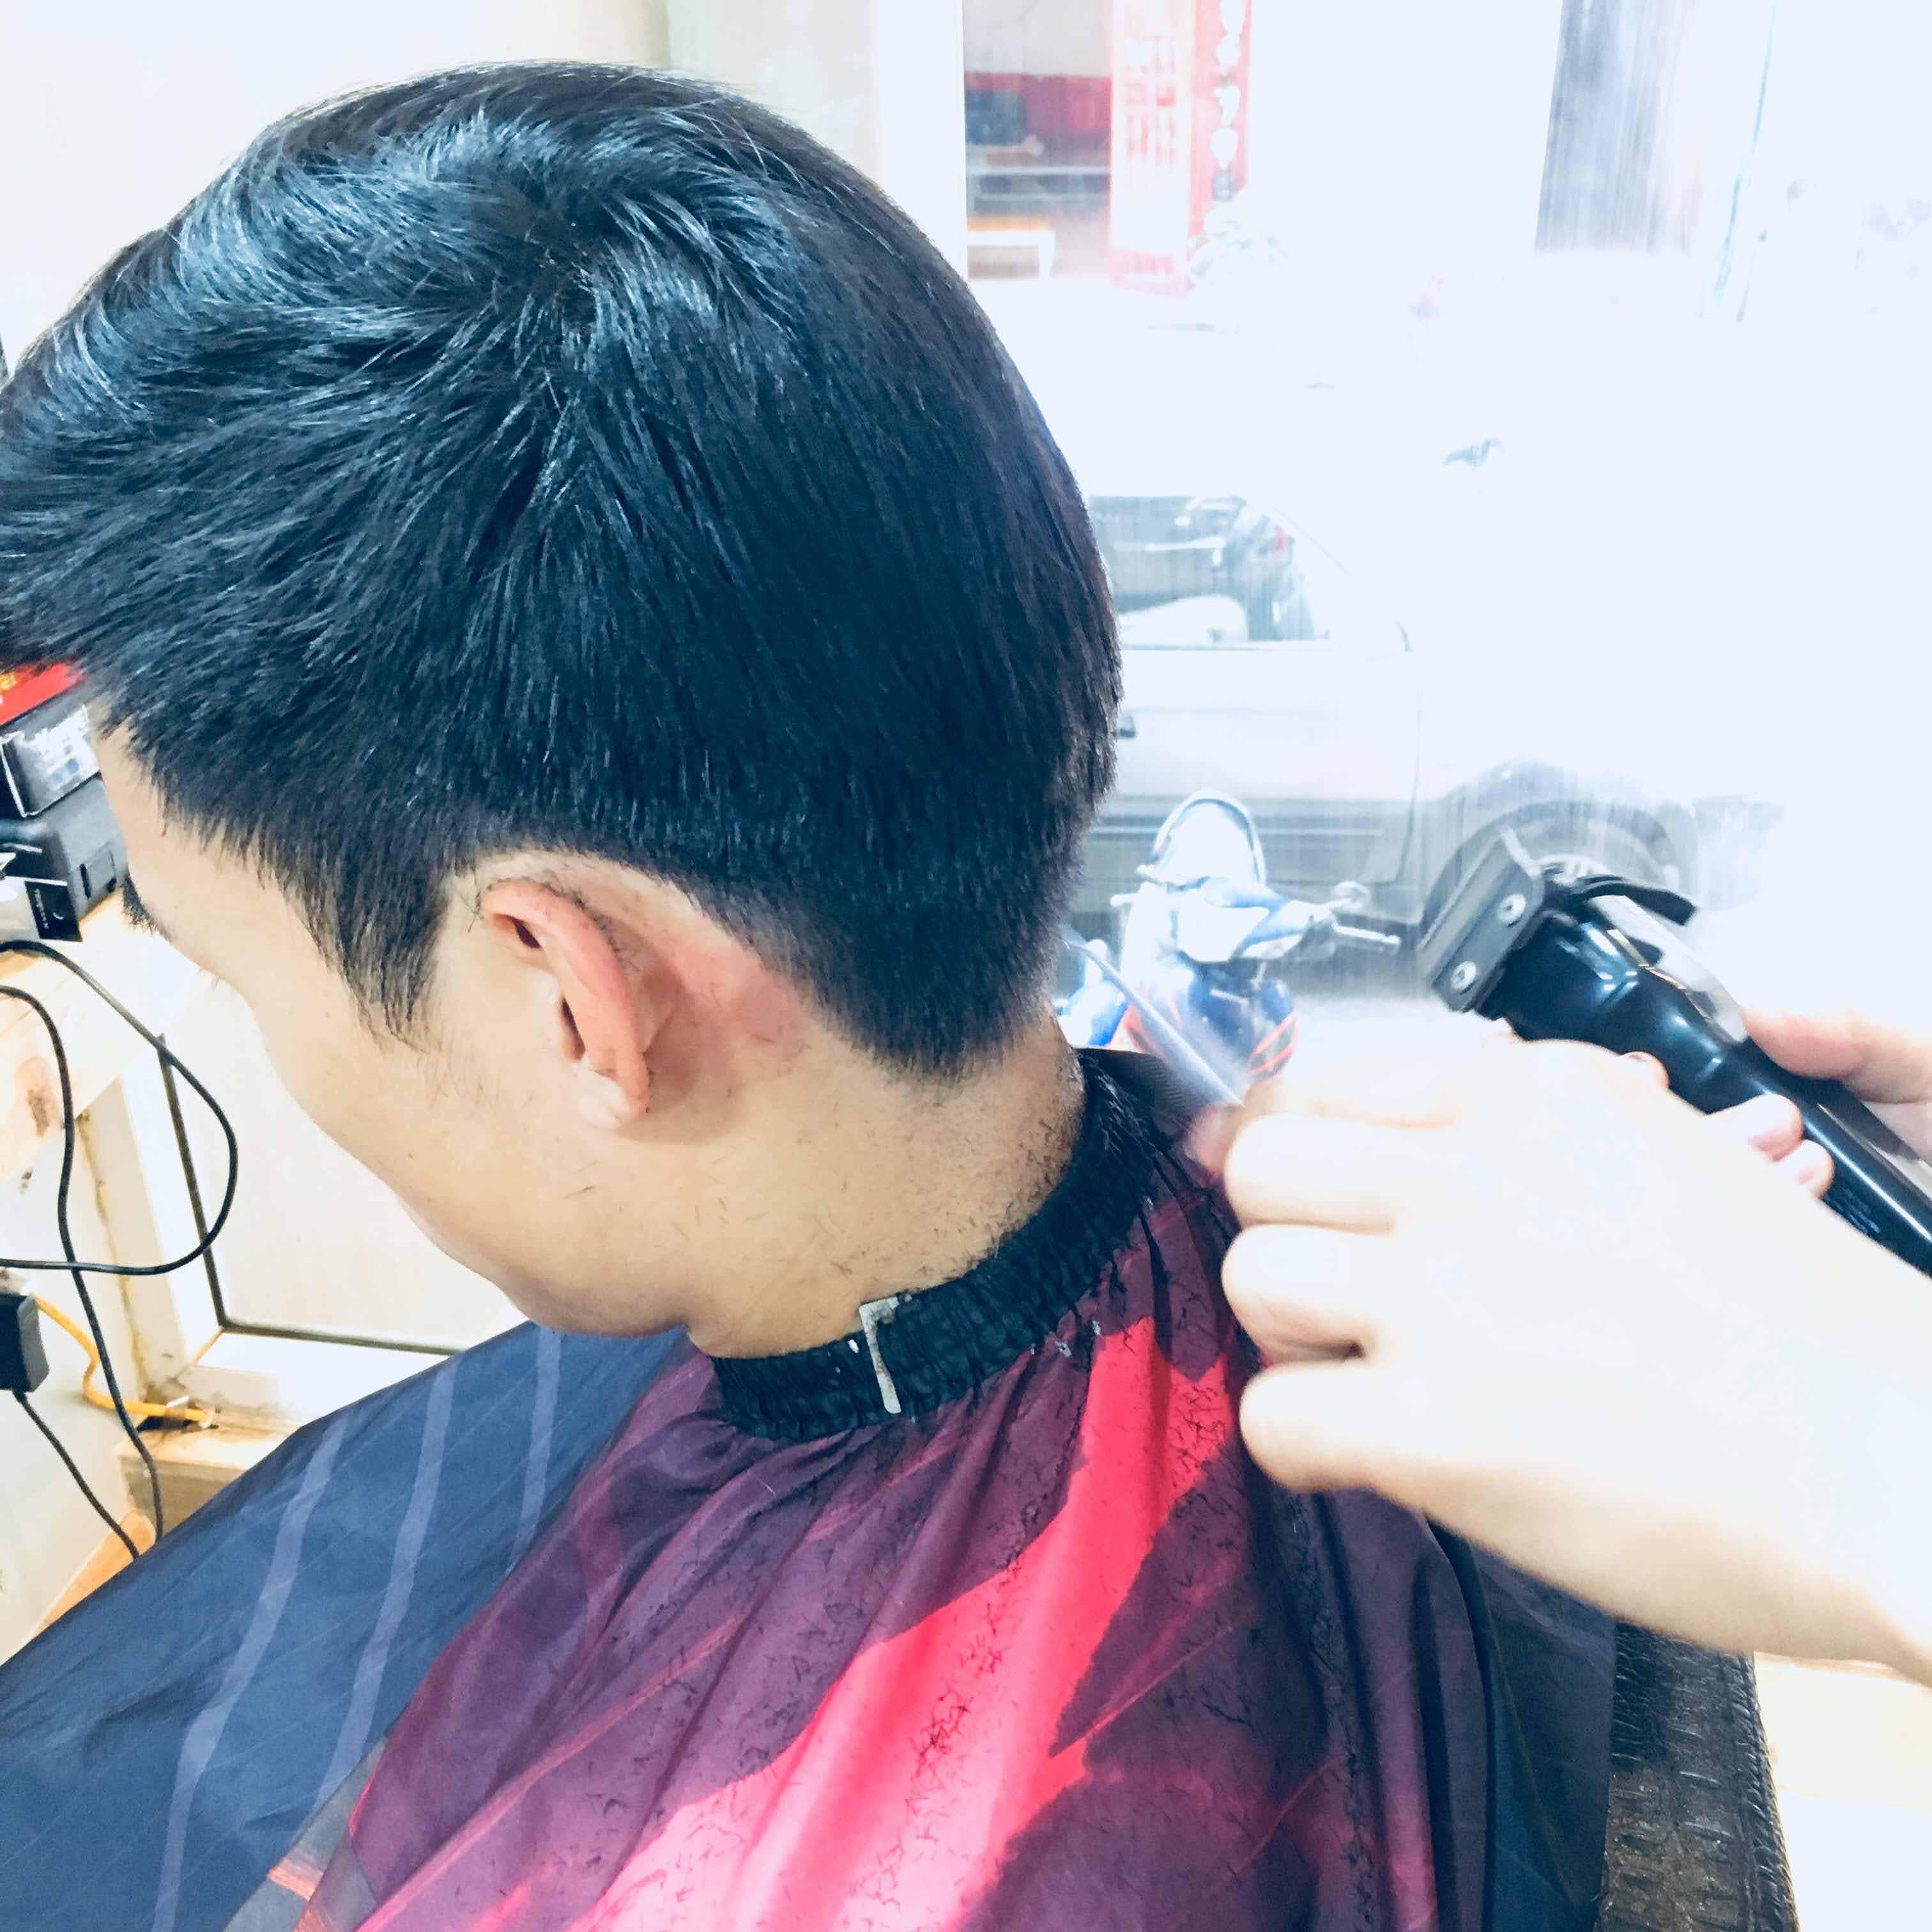 BARBER: Tìm hiểu kiểu tóc nam chân phương đối với thợ mới học nghề